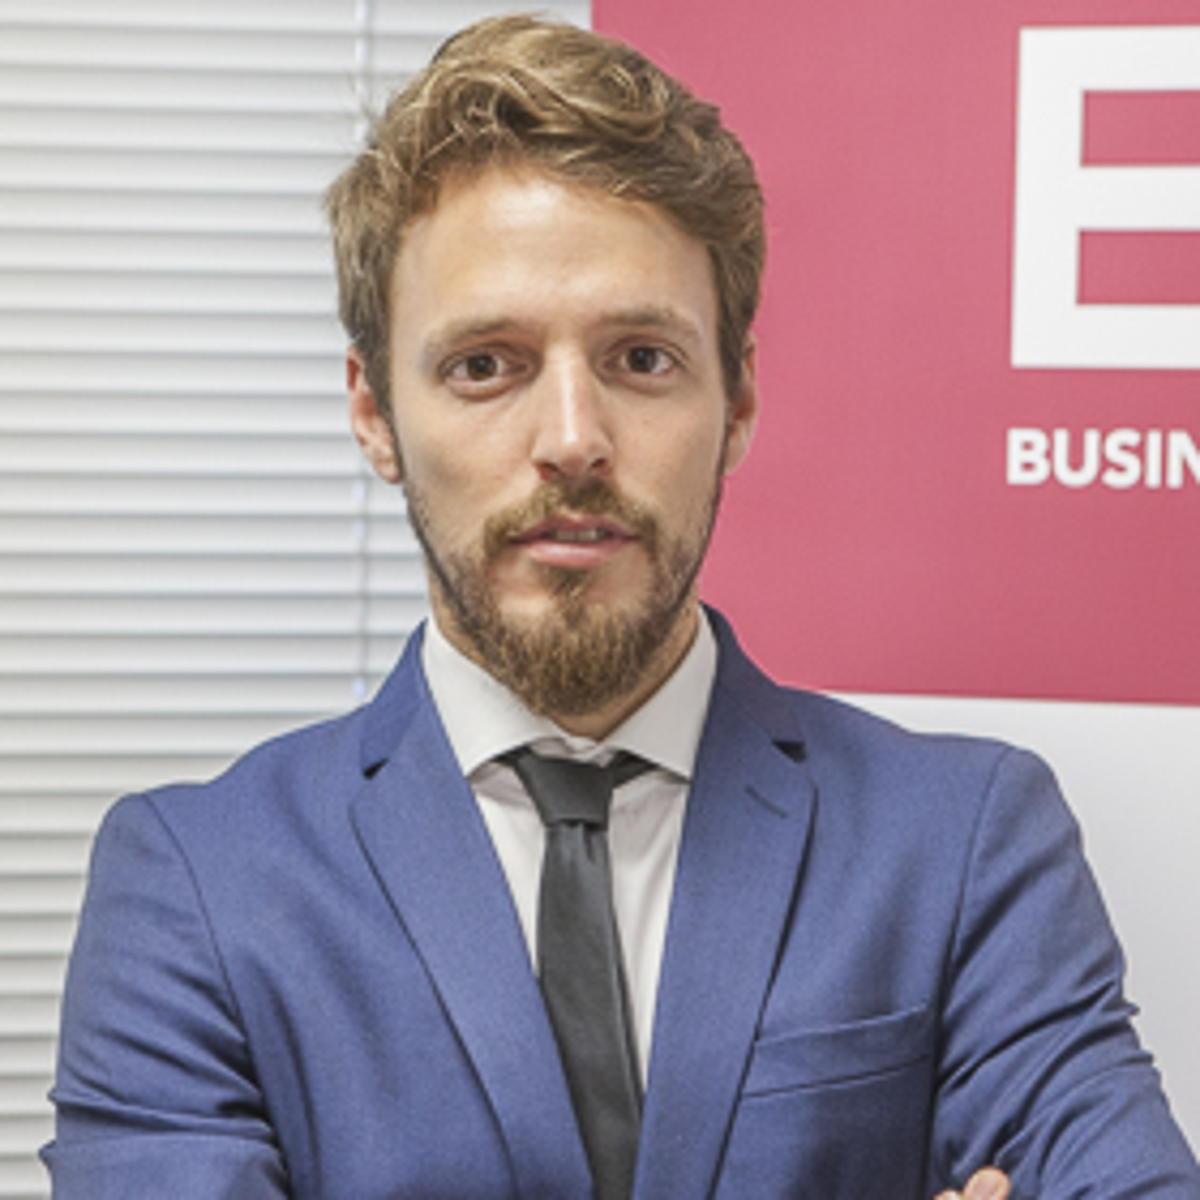 Sergio Fuentes Zaragoza - Máster en Dirección y Gestión de Comercio Internacional